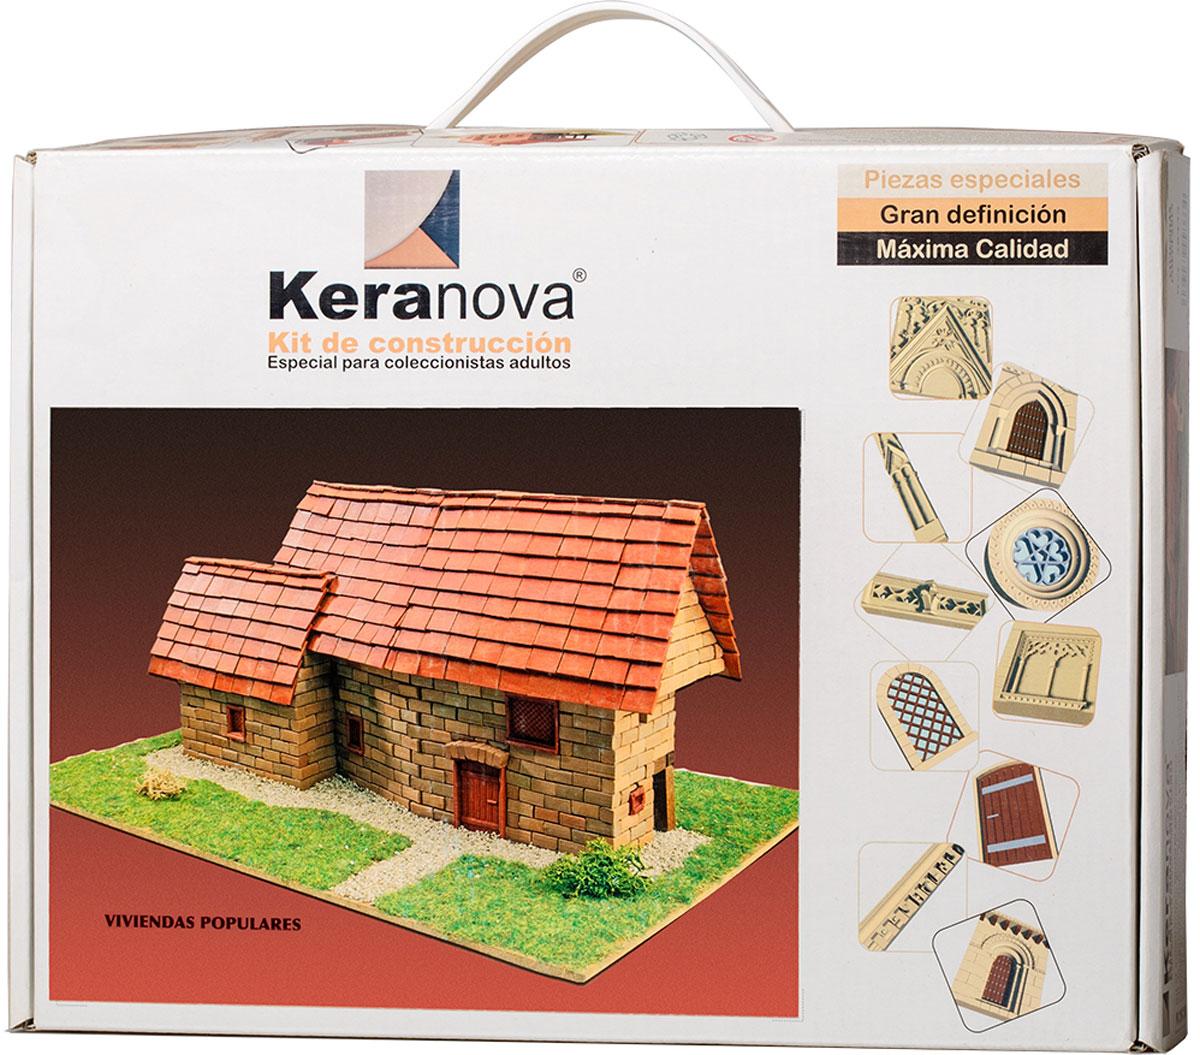 Keranova Конструктор Дома простолюдинов30333Наборы для строительства Keranova позволяют почувствовать себя создателем архитектурных сооружений в полной мере. Средневековые замки и домики, башни, мельницы, береговые маяки – вы можете построить сами и украсить миниатюру по своему желанию. Некоторые модели выполнены в стандартном масштабе и являются точной копией оригинала. В ассортименте представлены модели с разным уровнем сложности. Высокое качество натуральных материалов, достоверность моделей, а также возможность создания миниатюры по своему проекту создают уникальную возможность для реализации творческого начала вне зависимости от возраста и опыта. В состав набора входят: - каркас модели из бумаги, - основа для миниатюры из фанеры, - набор кирпичиков и черепицы из глины разного размера и разной фактуры (8 температурных режимов обжига кирпичиков), - имитация грунта (песок), имитация растительности (исландский мох – материал устойчивый к естественному разрушению), - имитация украшений фасадов и...